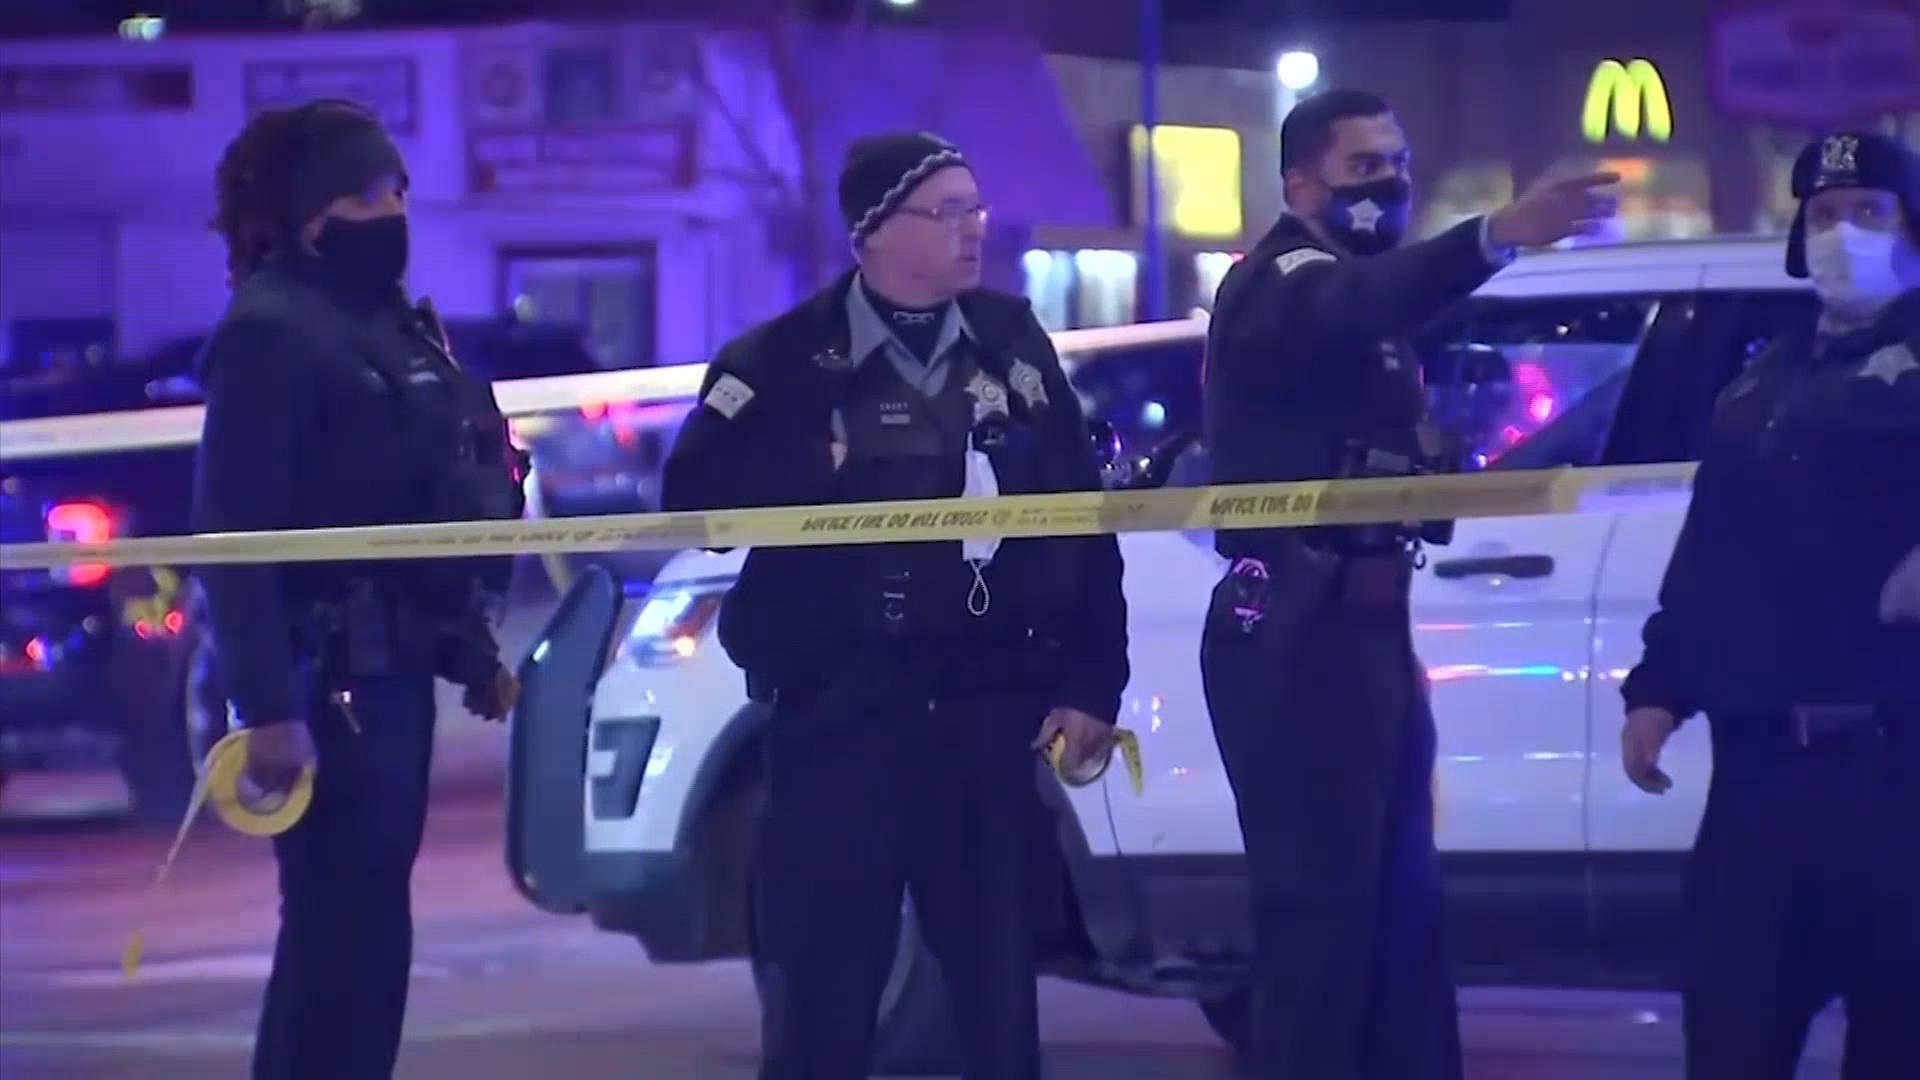 59秒丨1名中国留学生身亡 芝加哥连环枪击案致3死4伤